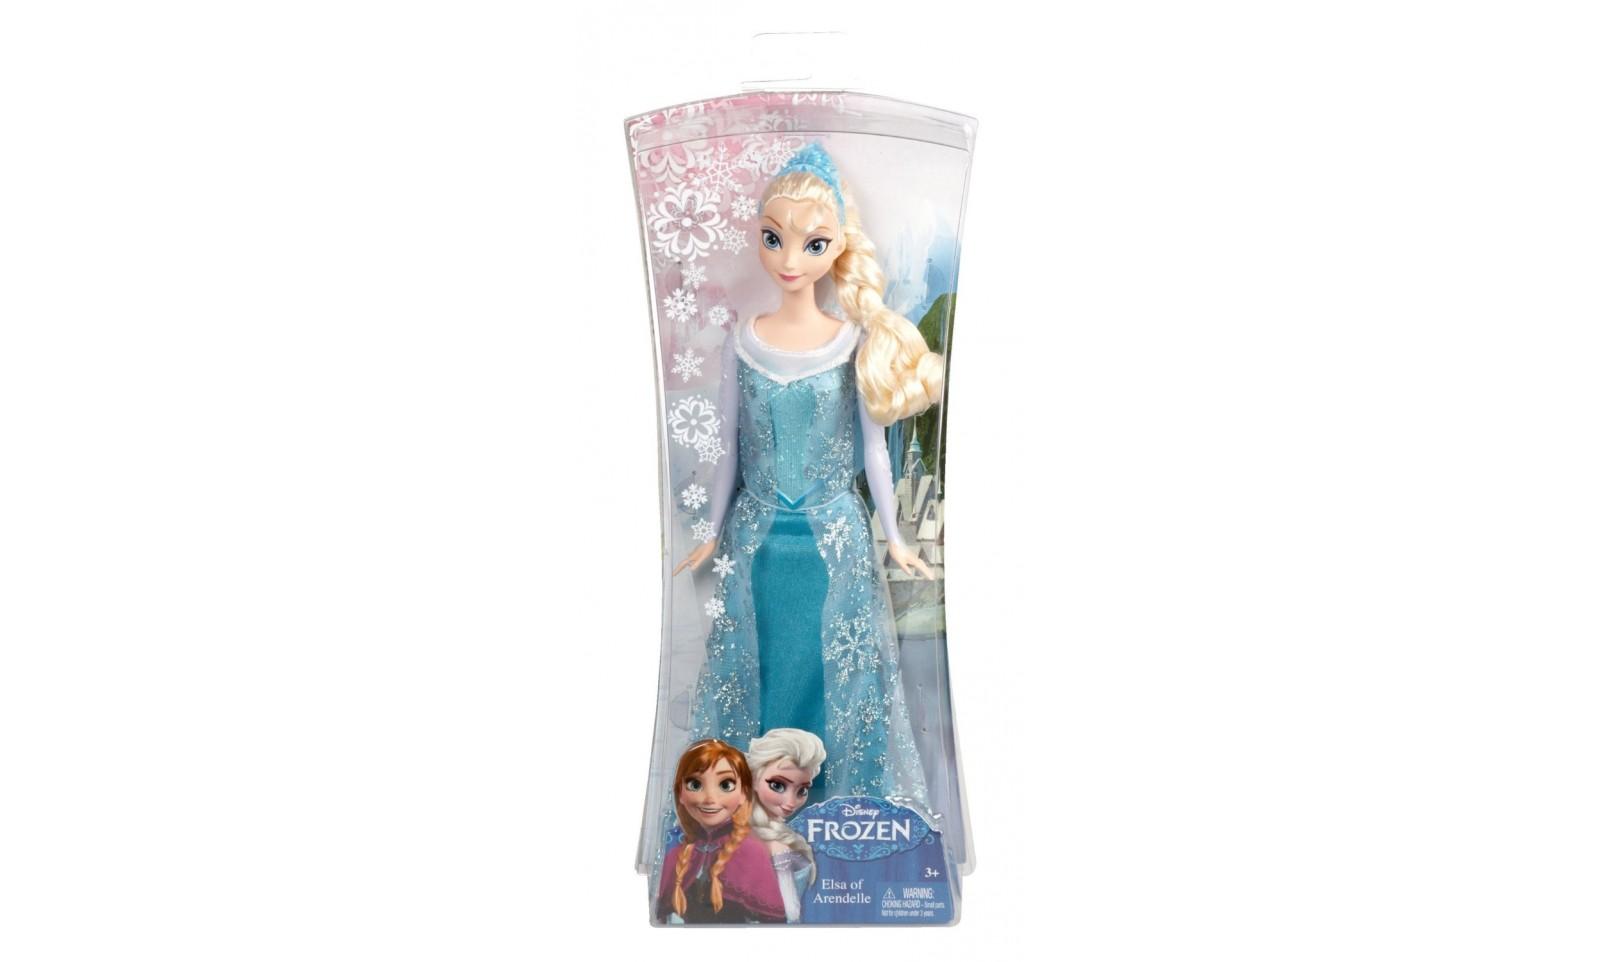 La reine des neiges poup e elsa 30 cm cin ma - Image la reine des neiges elsa ...